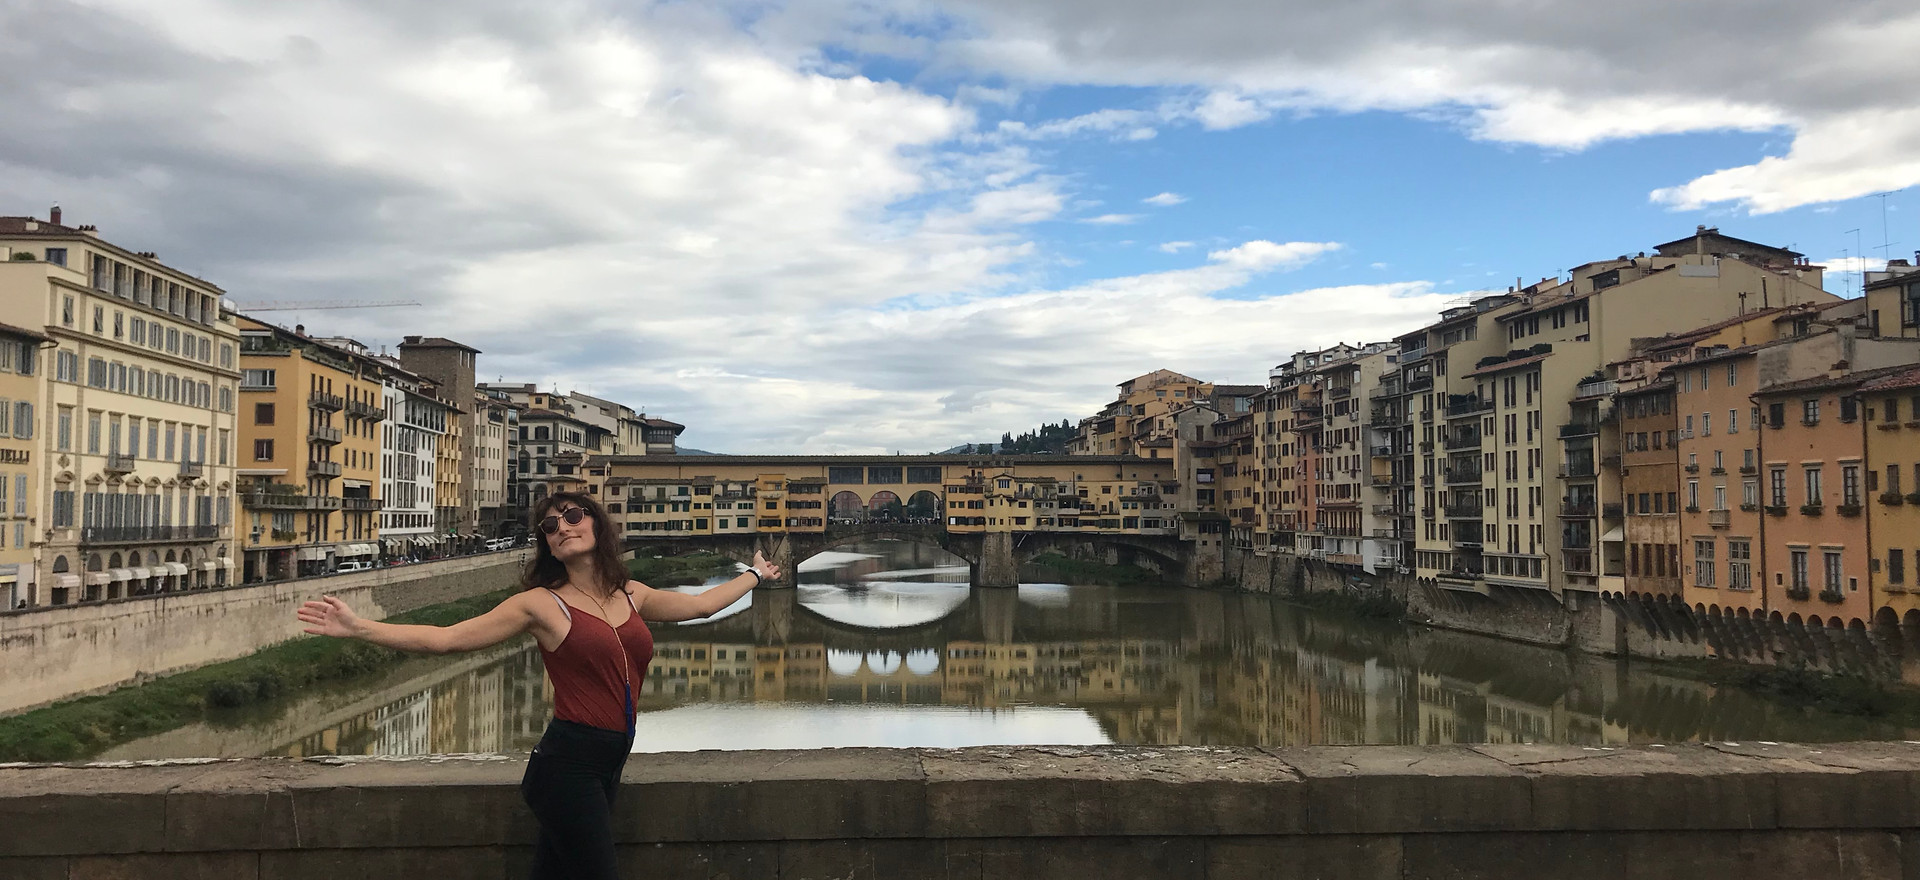 The Pont Vecchio & Arno River